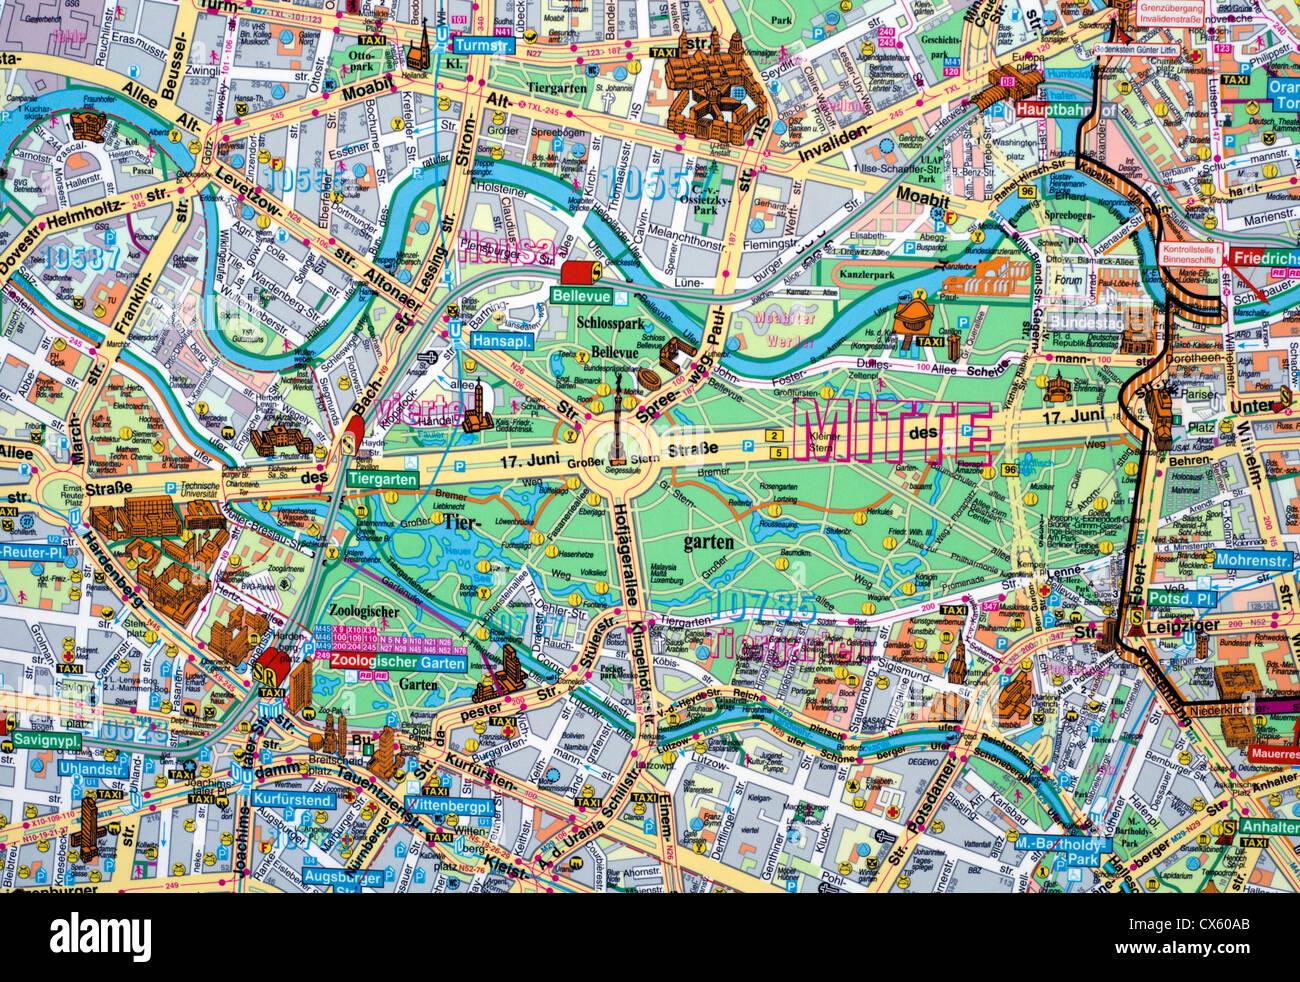 Berlin Mitte Karte.Nahaufnahme Von Einer Karte Von Berlin Mitte Deutschland Stockfoto